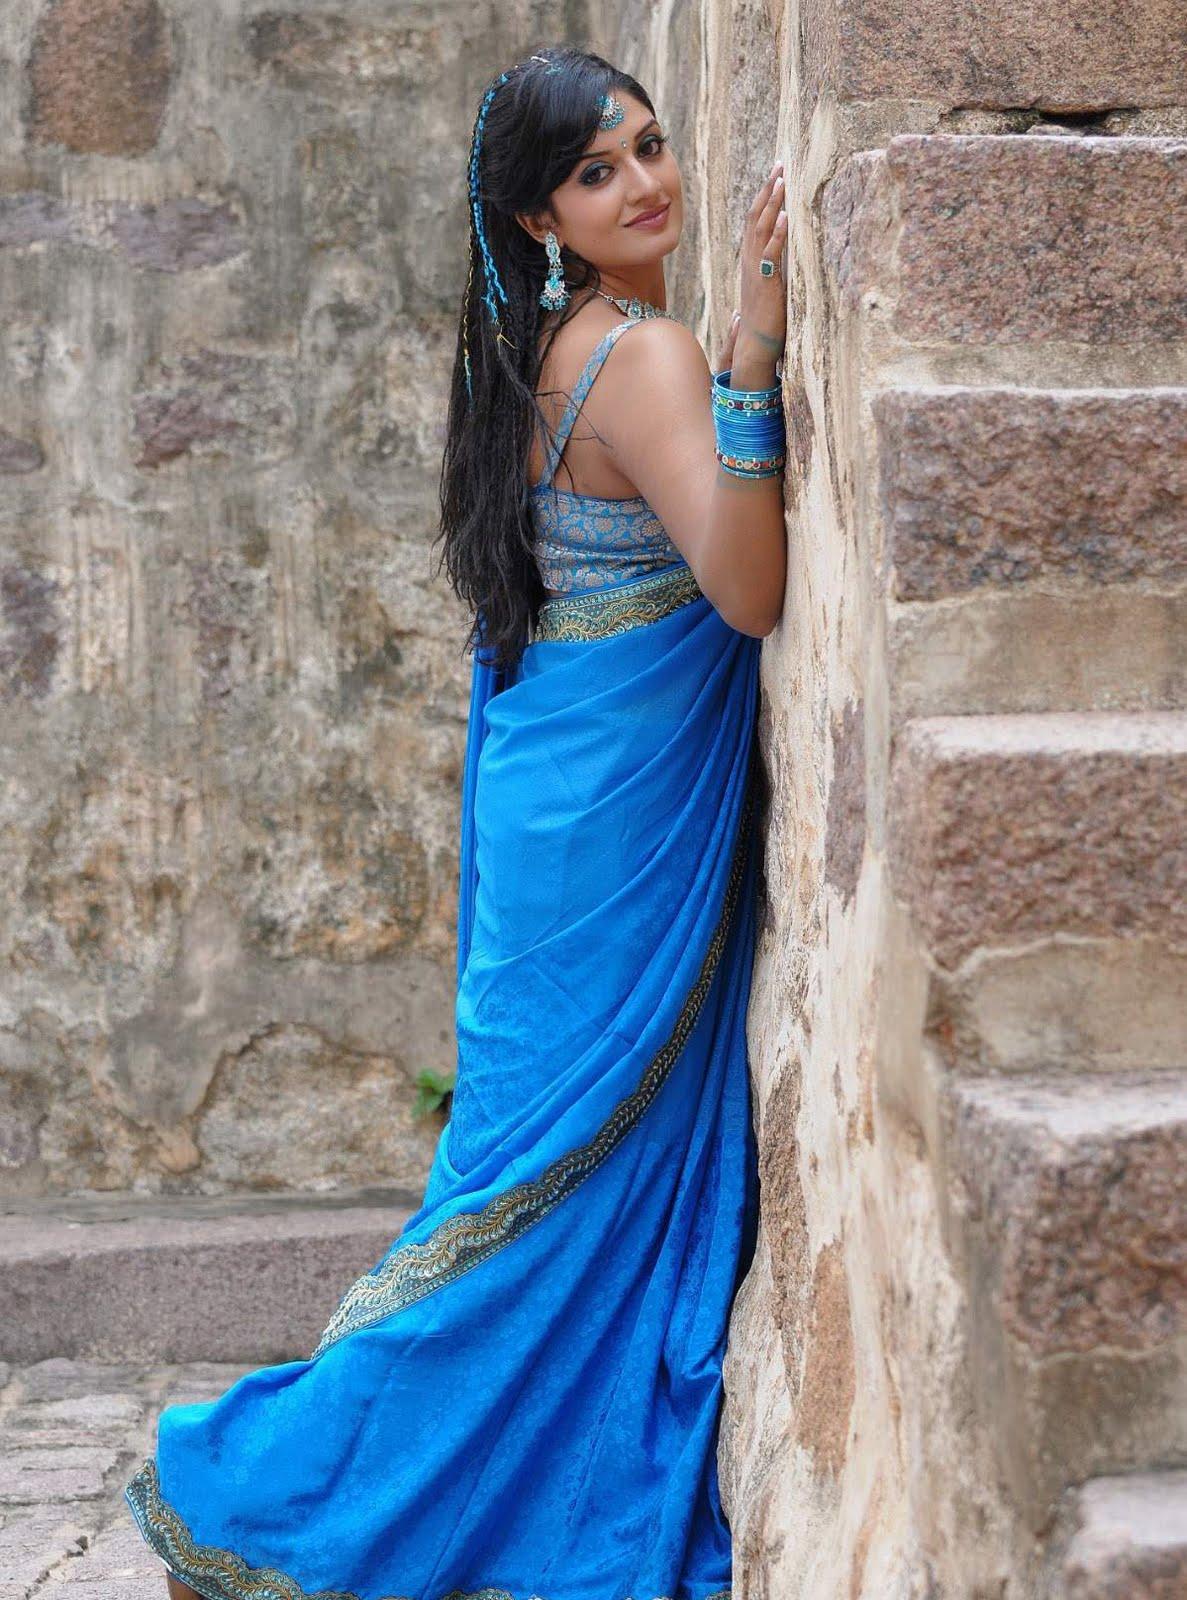 Actress vimala raman hot saree photos actress photos gallery actress vimala raman in saree photos123actressphotosgallery thecheapjerseys Gallery